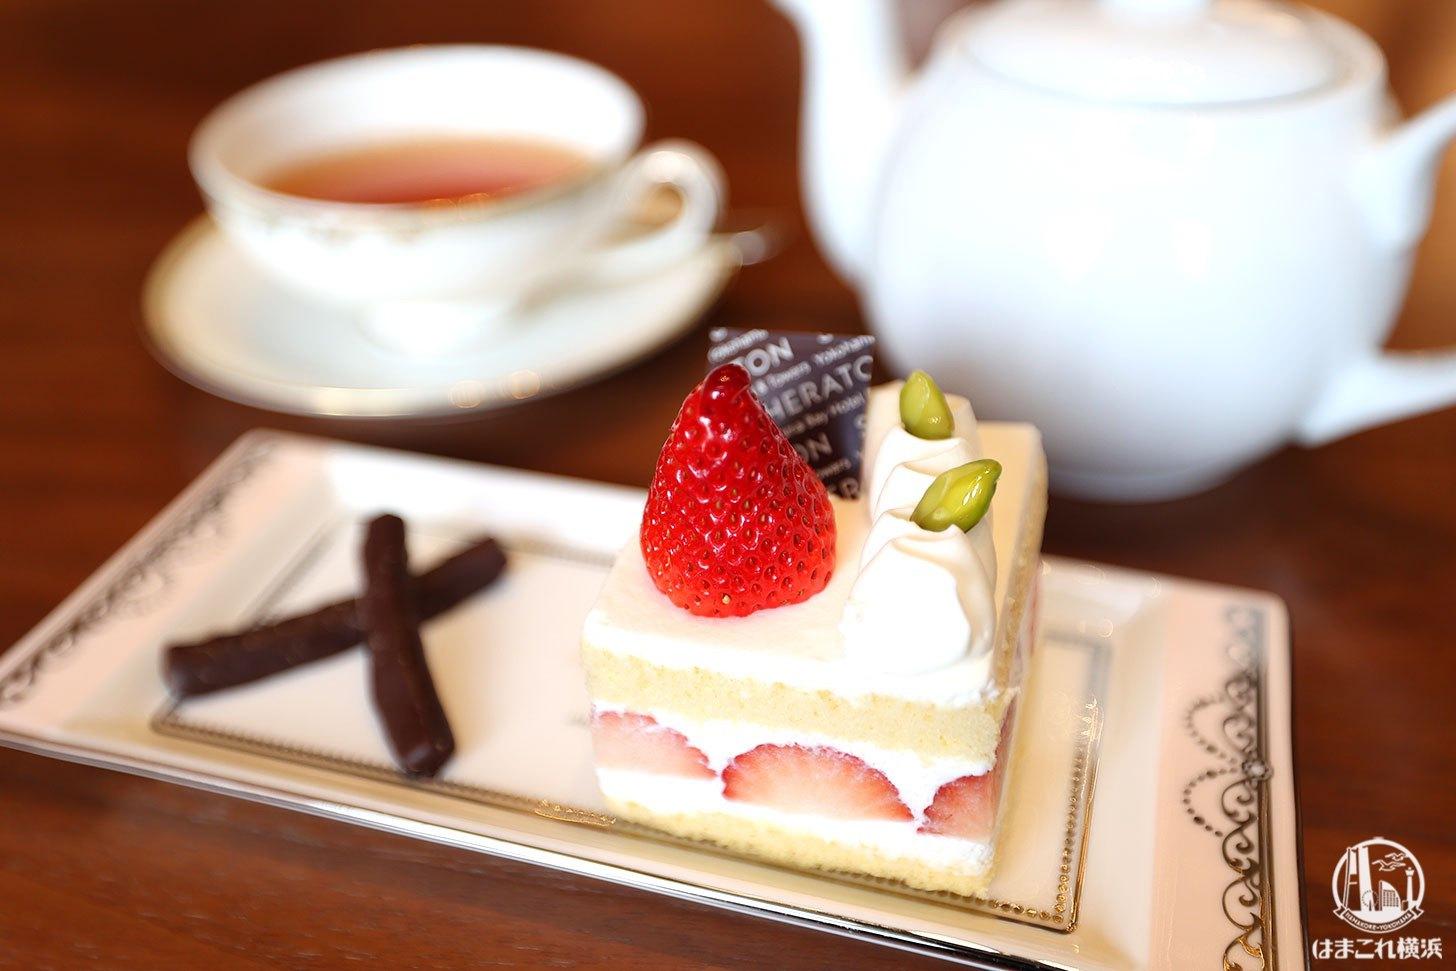 ラウンジ「シーウインド」ケーキと紅茶